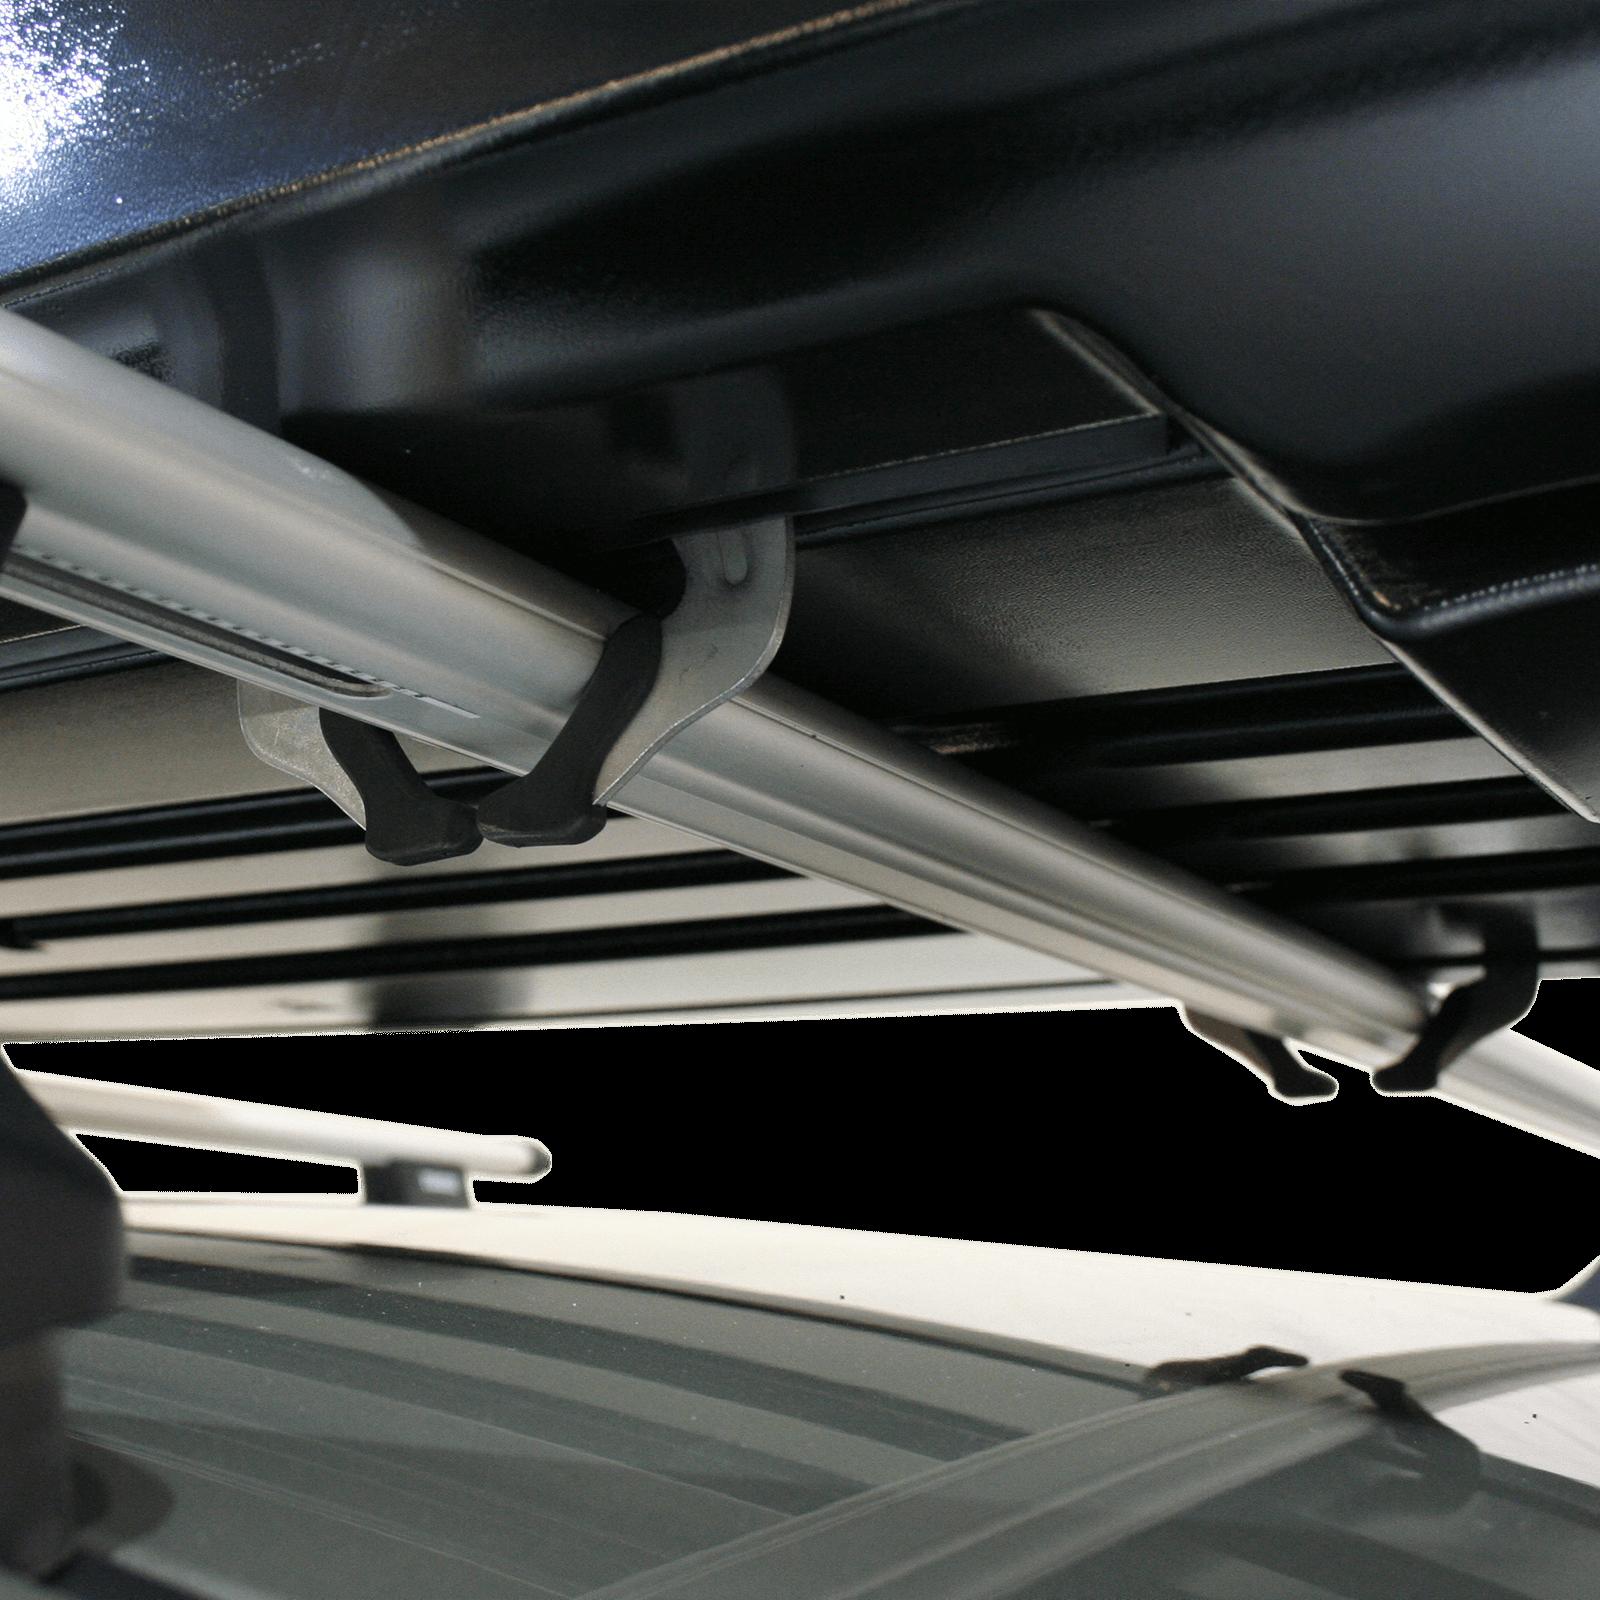 Dachbox Thule Touring Sport schwarz, glänzend - Bild 3